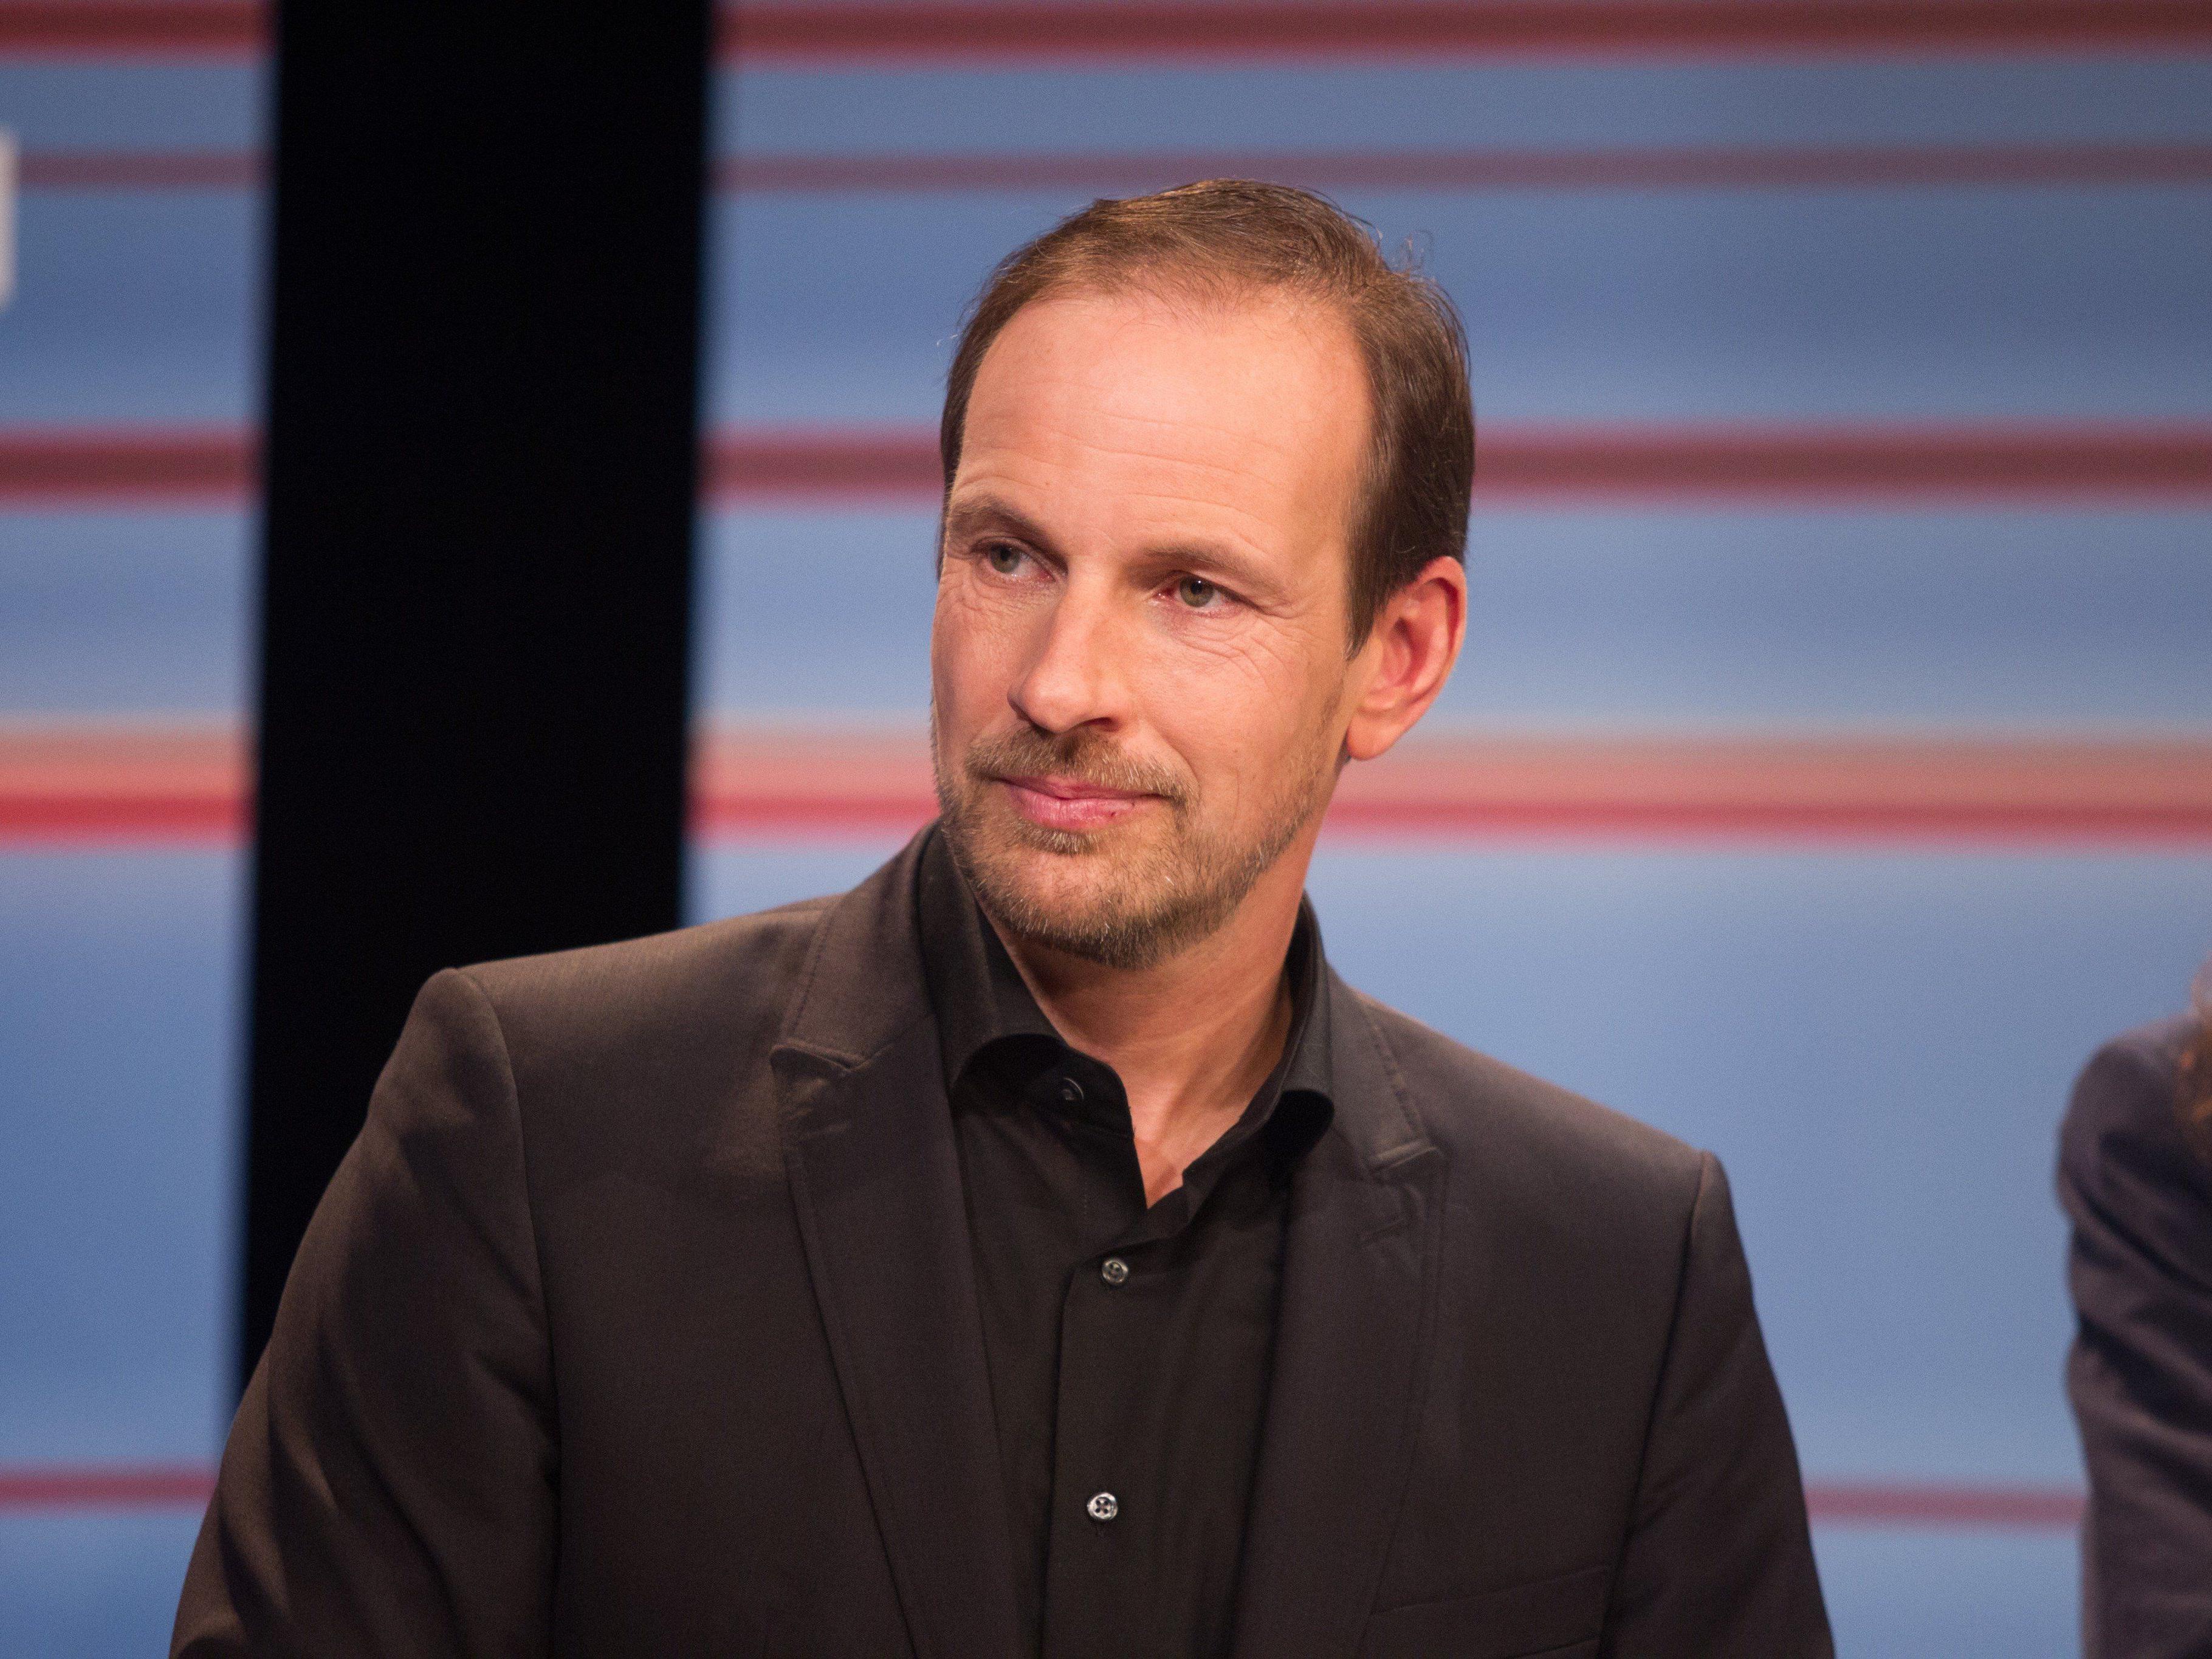 Ein neuer Juden-Sager von Dieter Egger sorgt nach fünf Wochen für Aufregung.